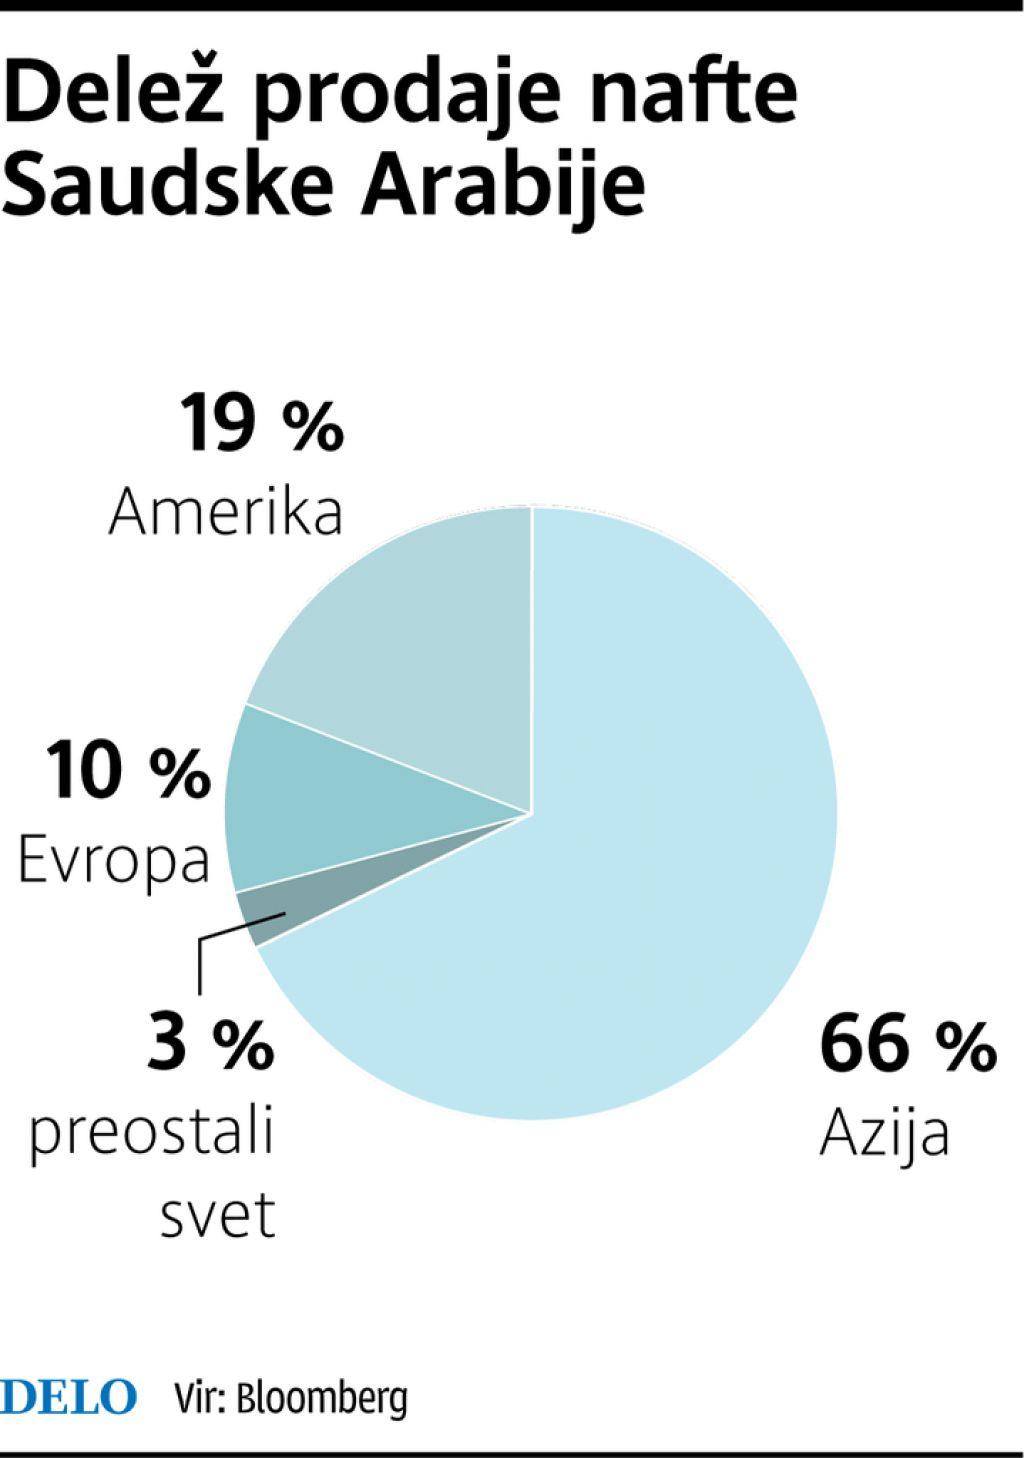 Saudska Arabija vse bolj vpeta v azijske trge